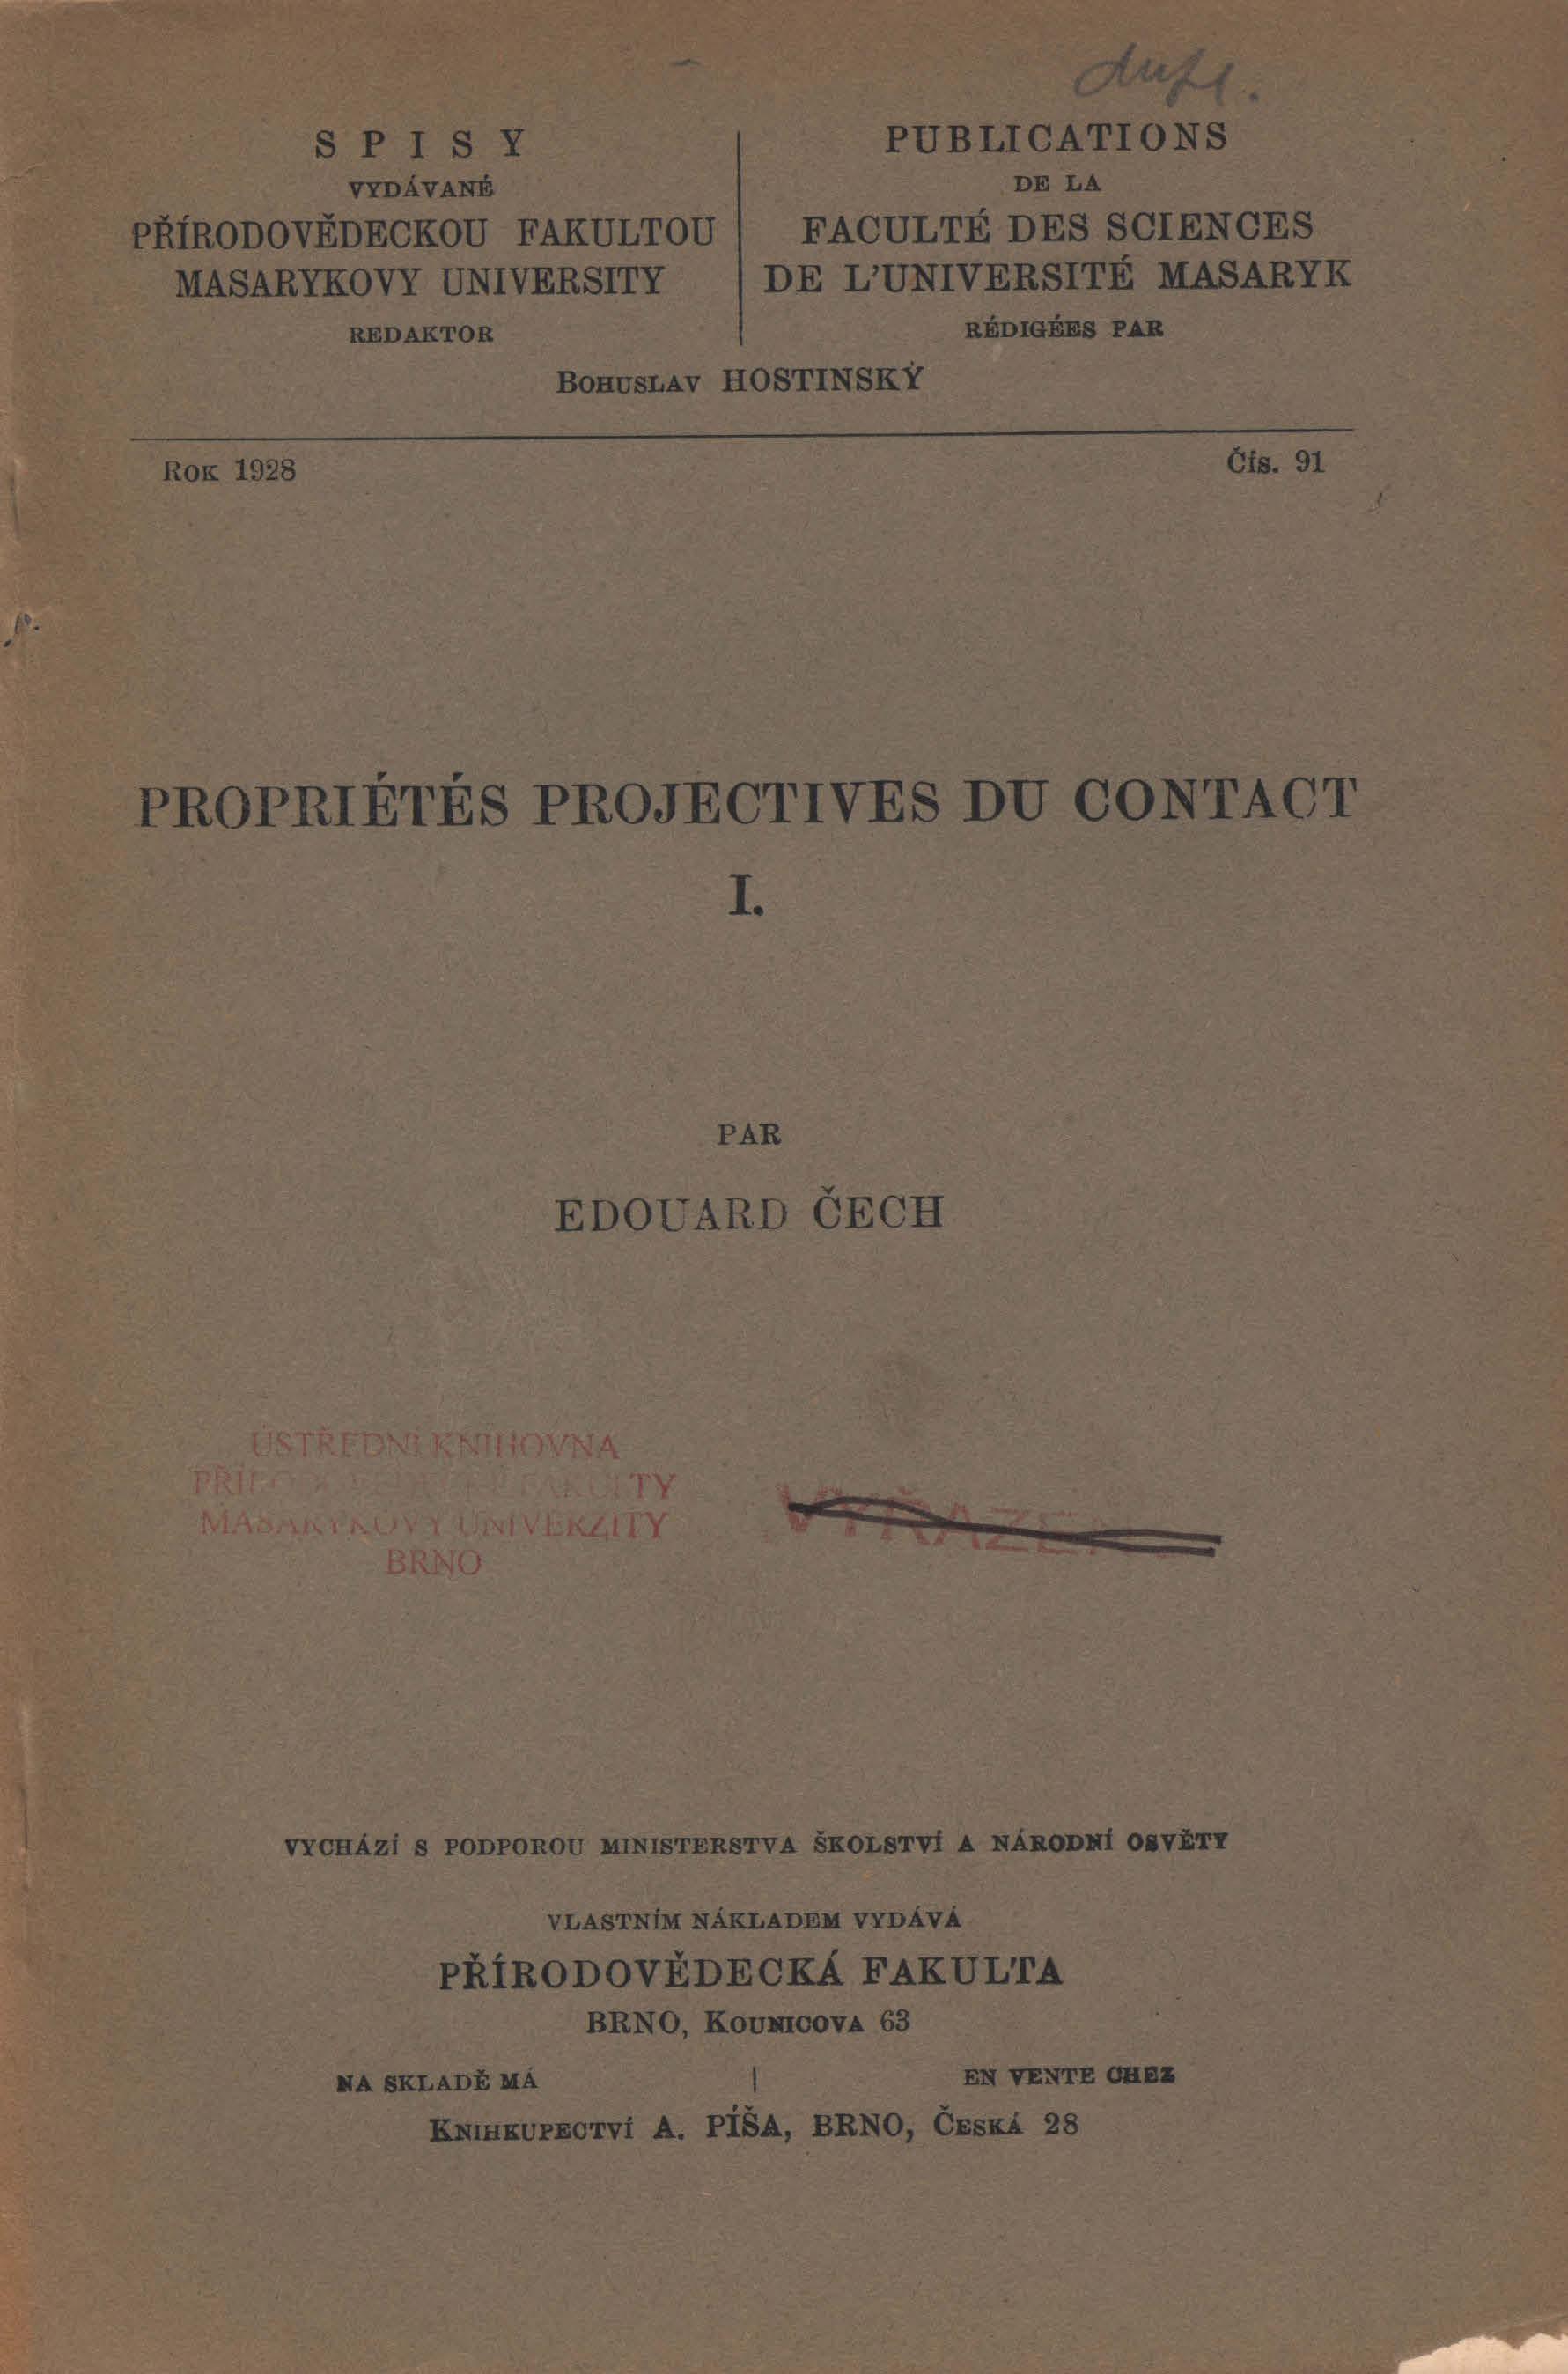 Obálka pro Propriétés projectives du contact I.